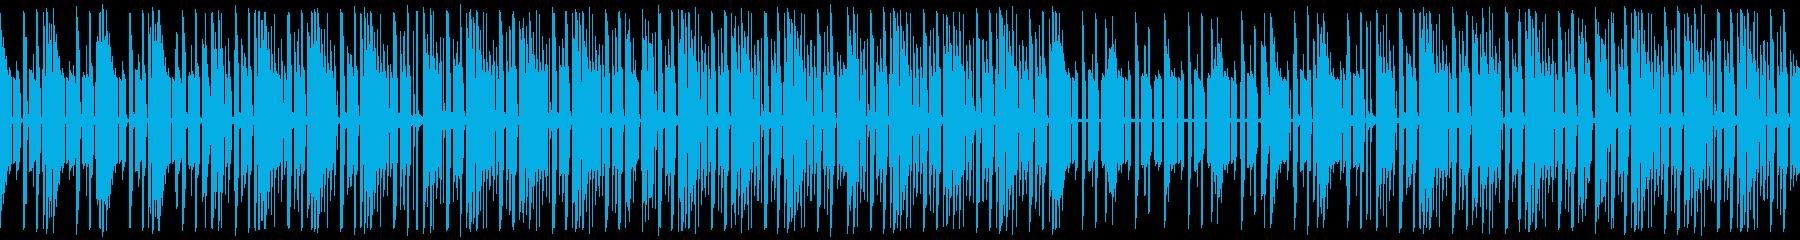 軽快なリズムのポップで楽しげなほんわか曲の再生済みの波形